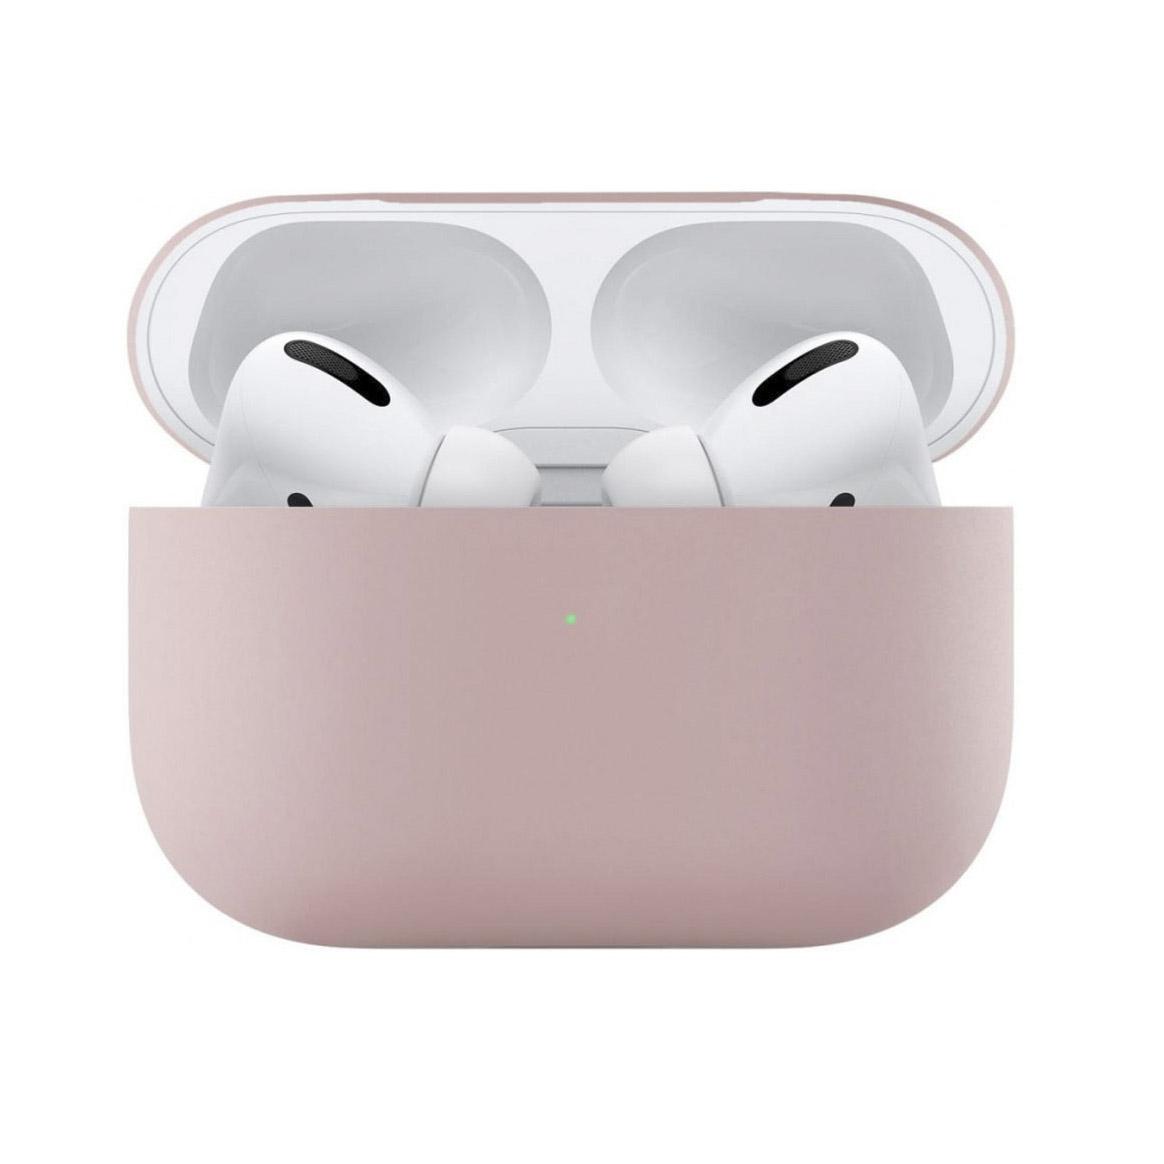 Чехол uBear для наушников Apple AirPods Pro, розовый чехол для наушников steward для apple airpods blue